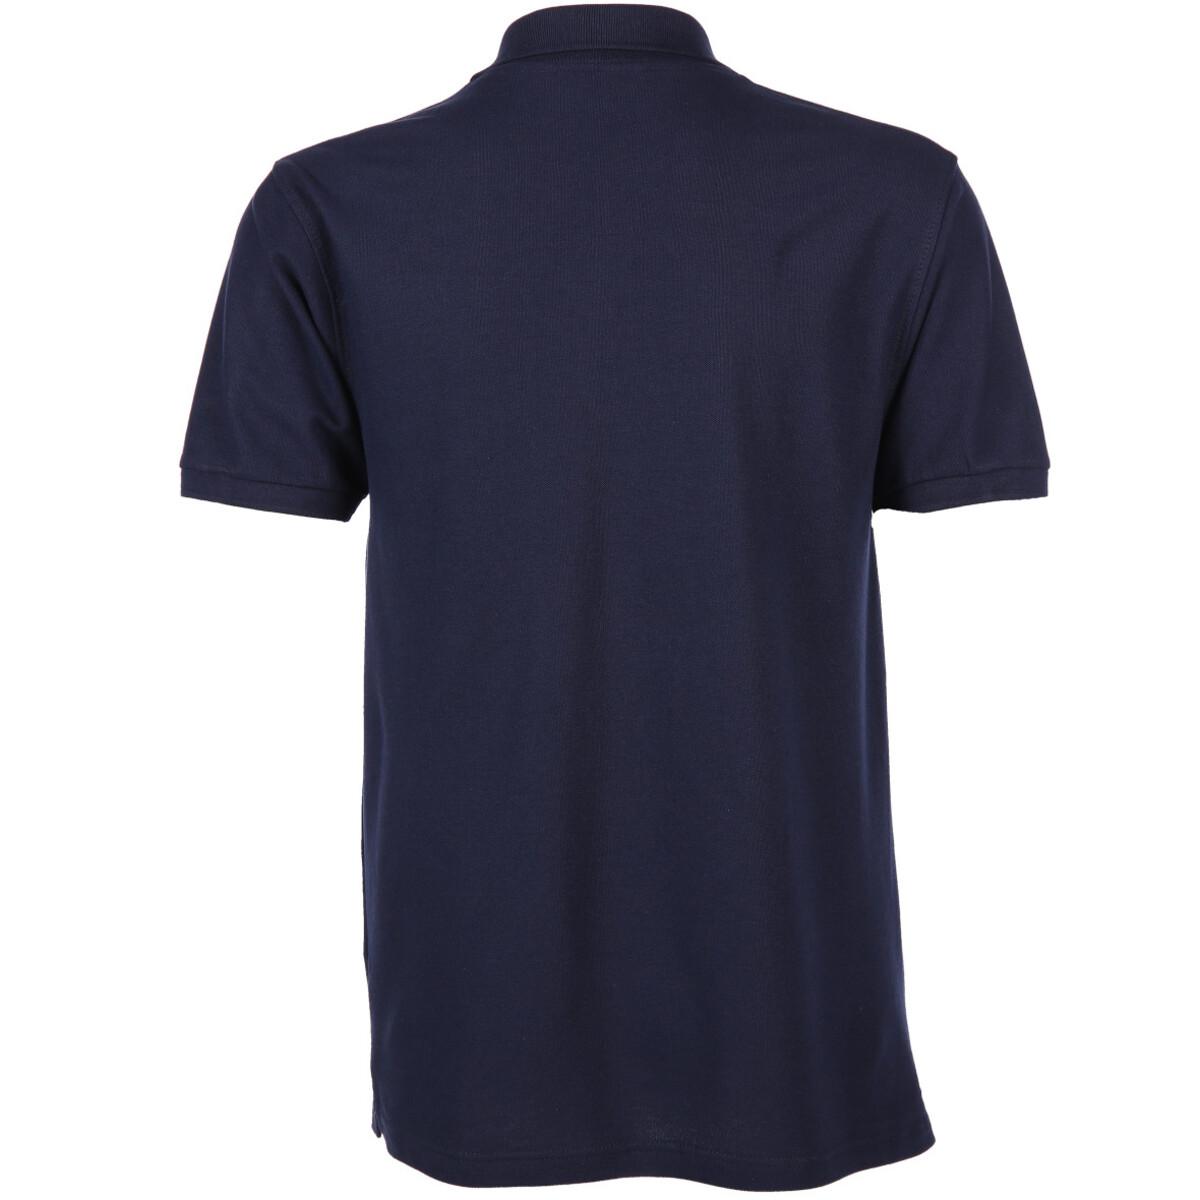 Bild 2 von Herren Poloshirt